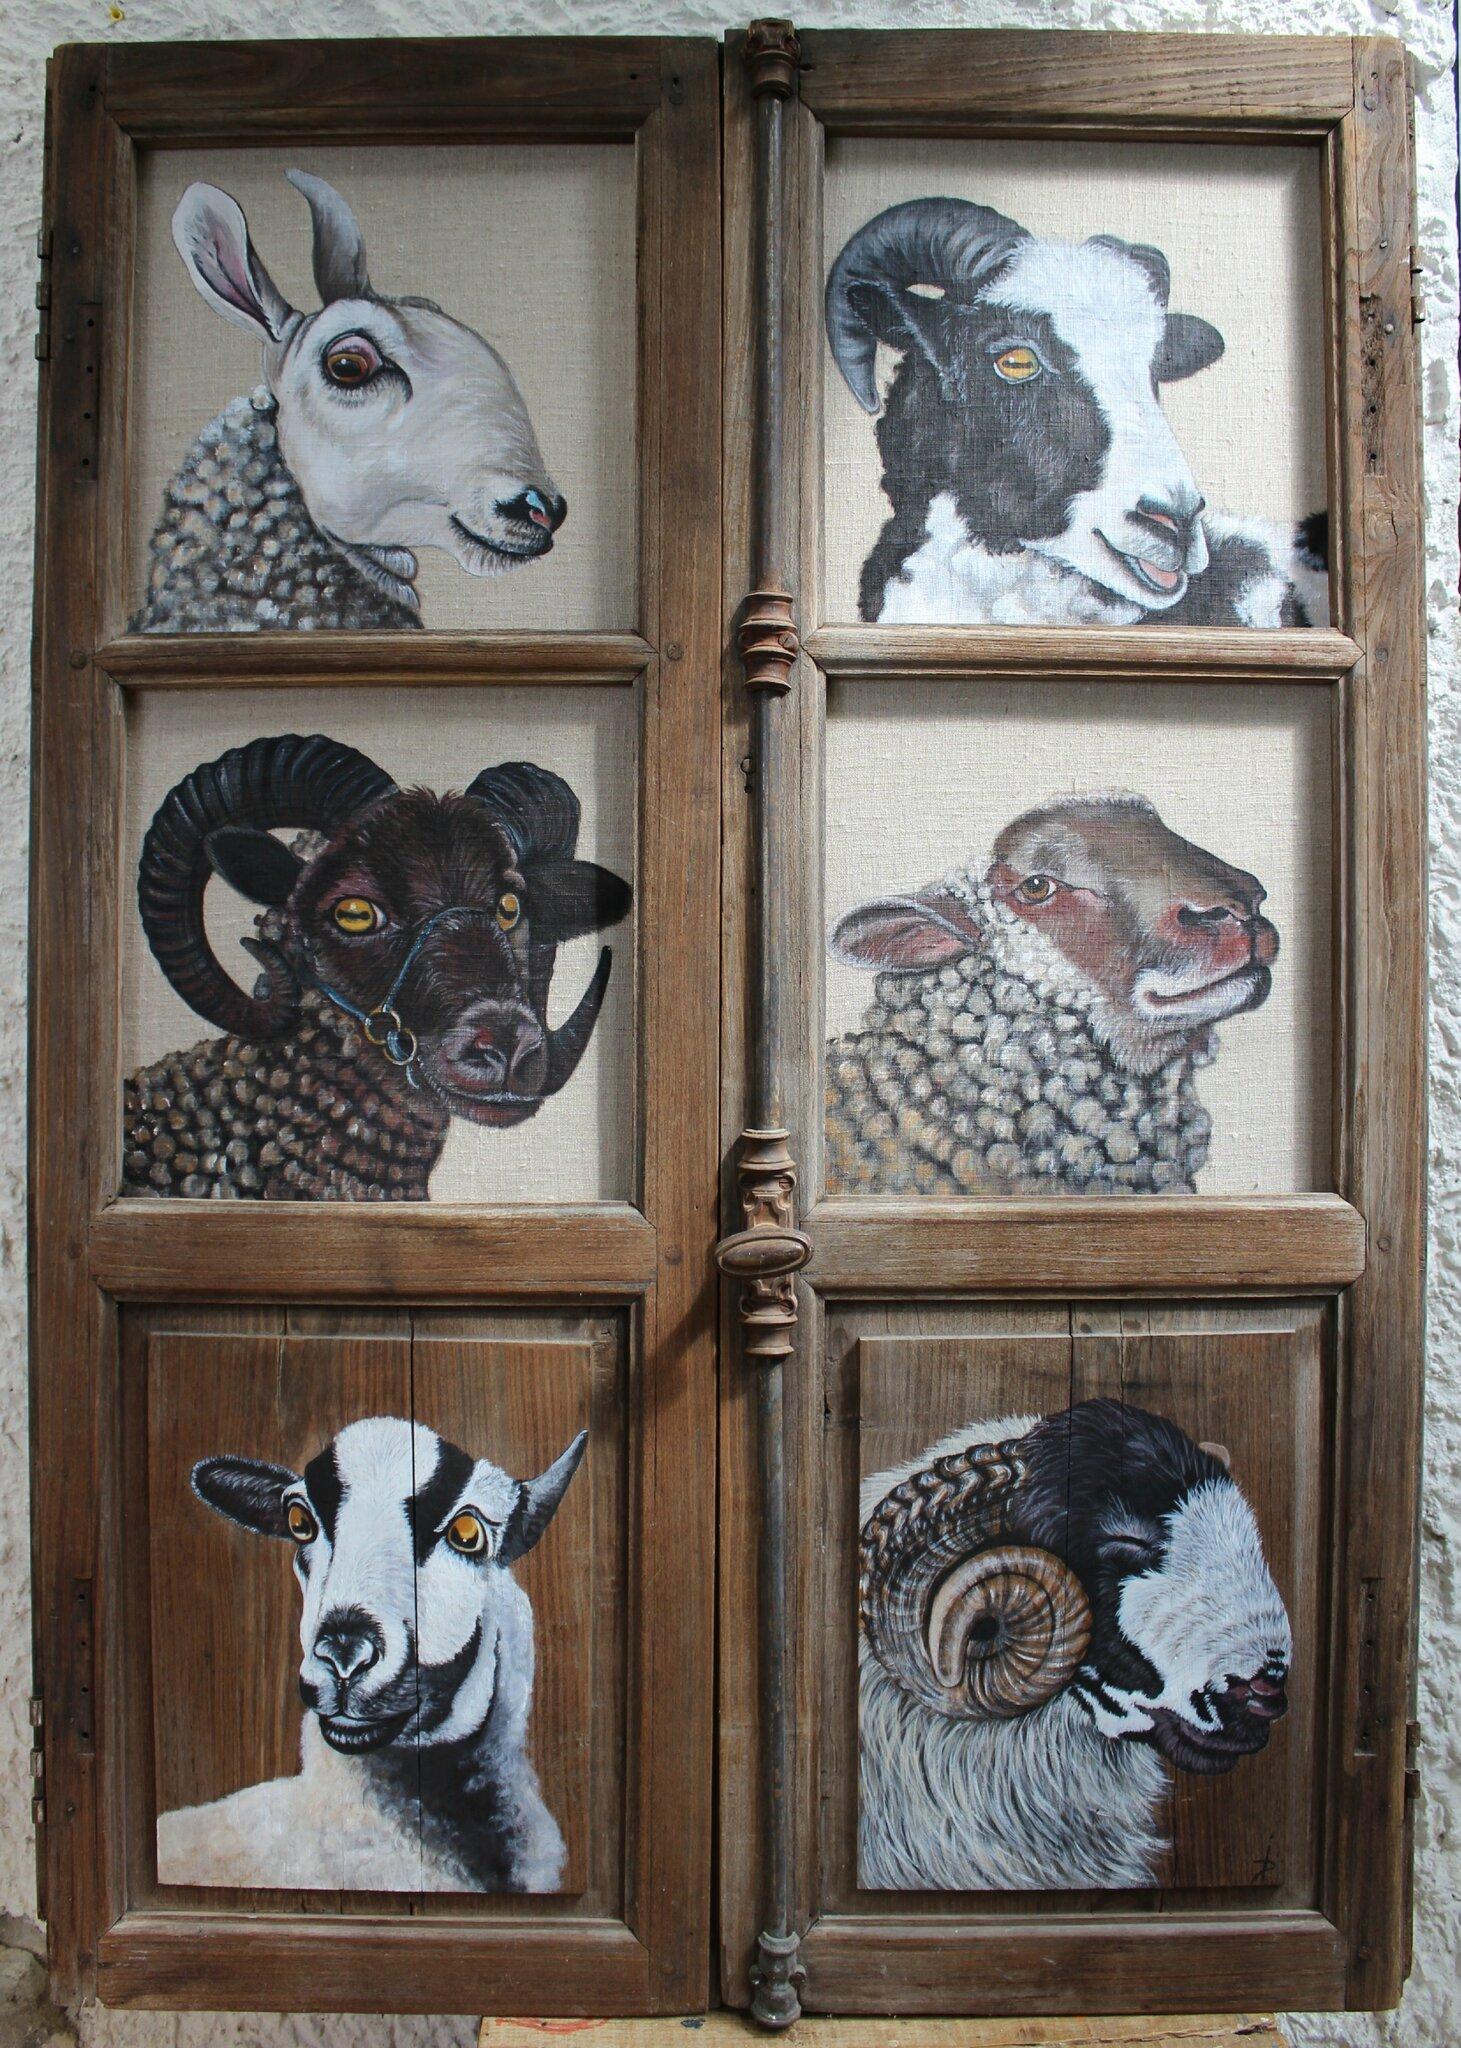 portrait moutons 121x43 x2 photo de i animaux en libert 2013 pas si b te. Black Bedroom Furniture Sets. Home Design Ideas